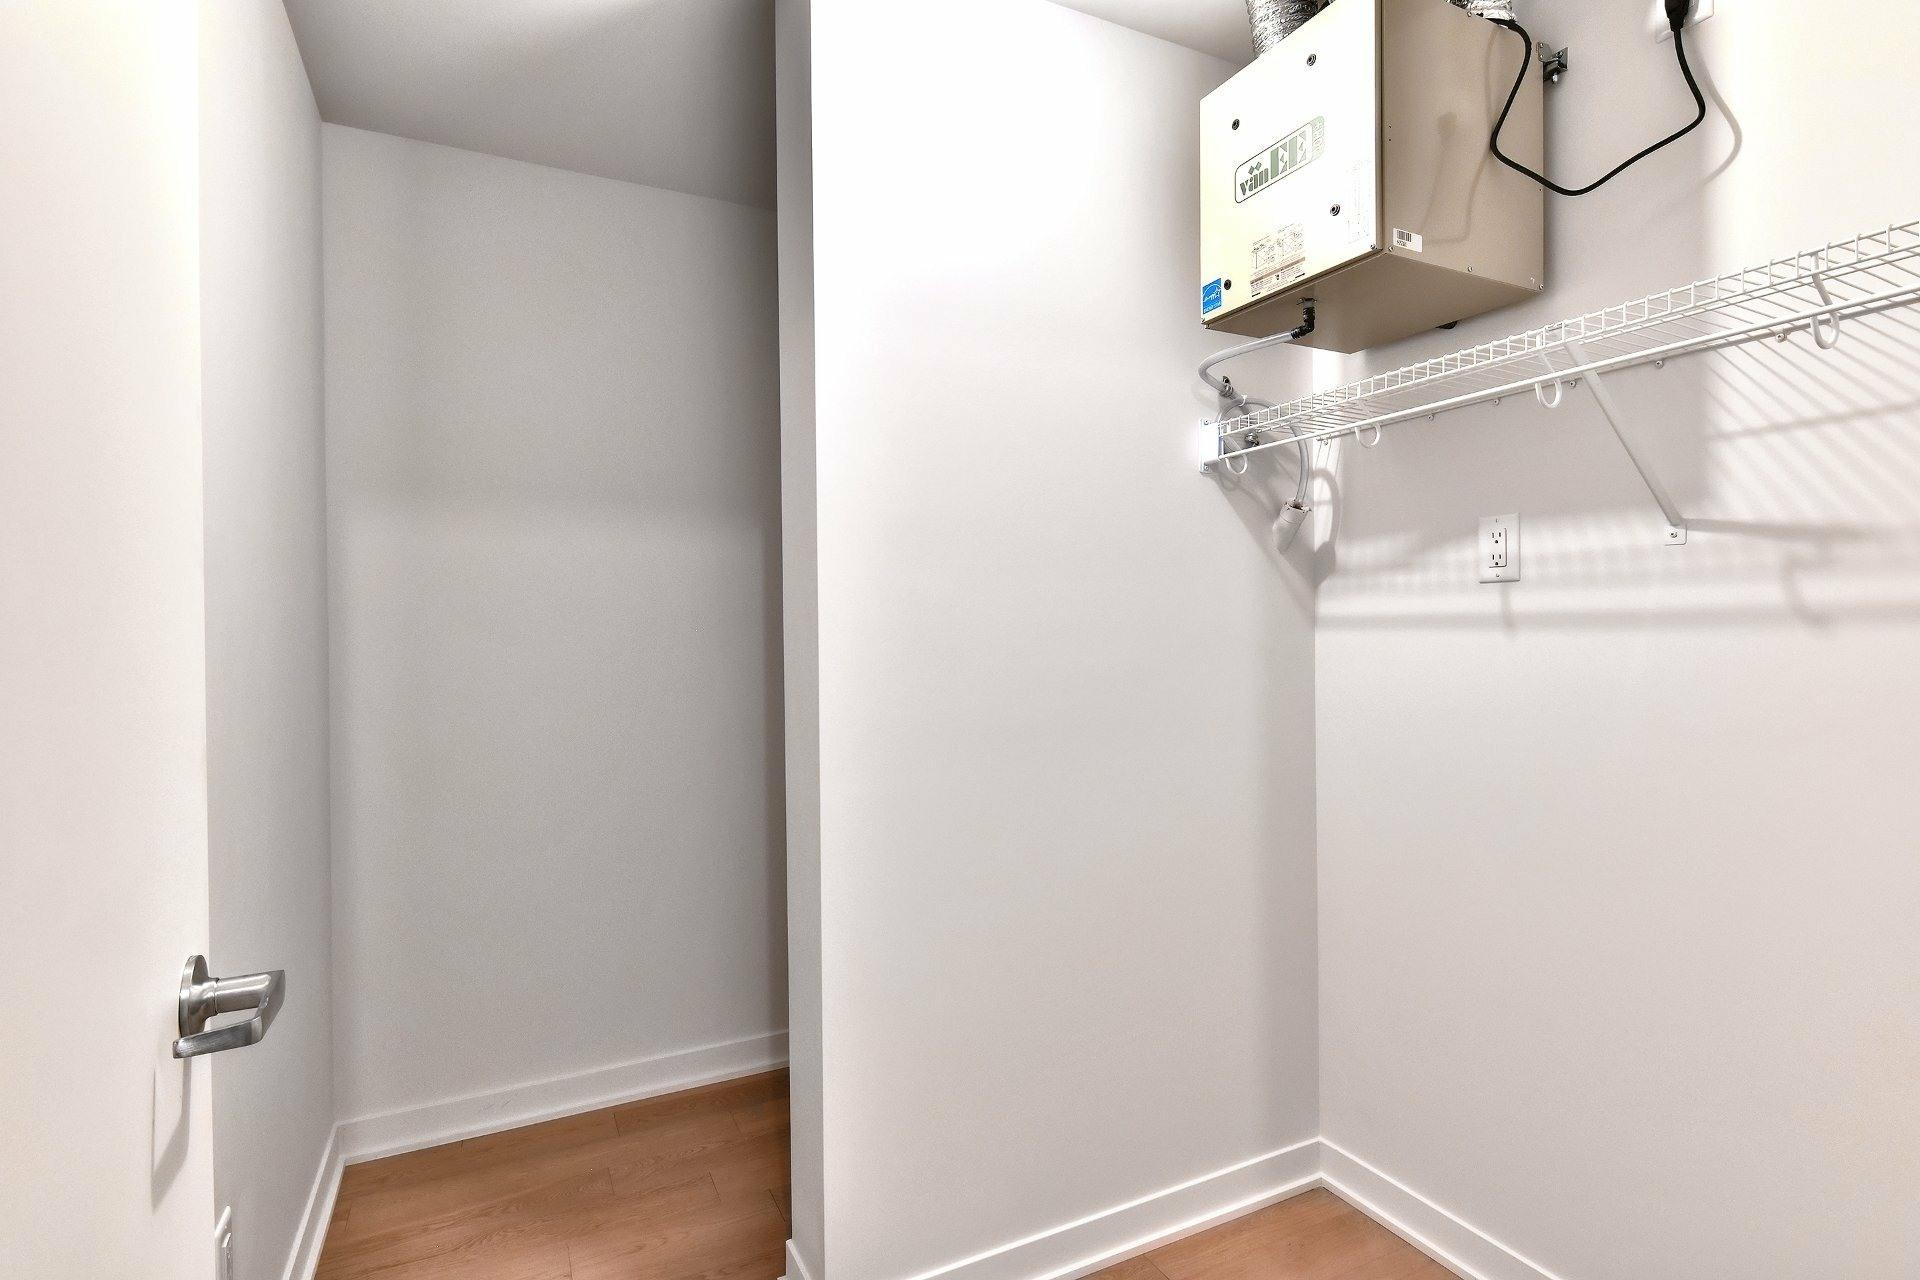 image 14 - Appartement À louer Brossard - 4 pièces